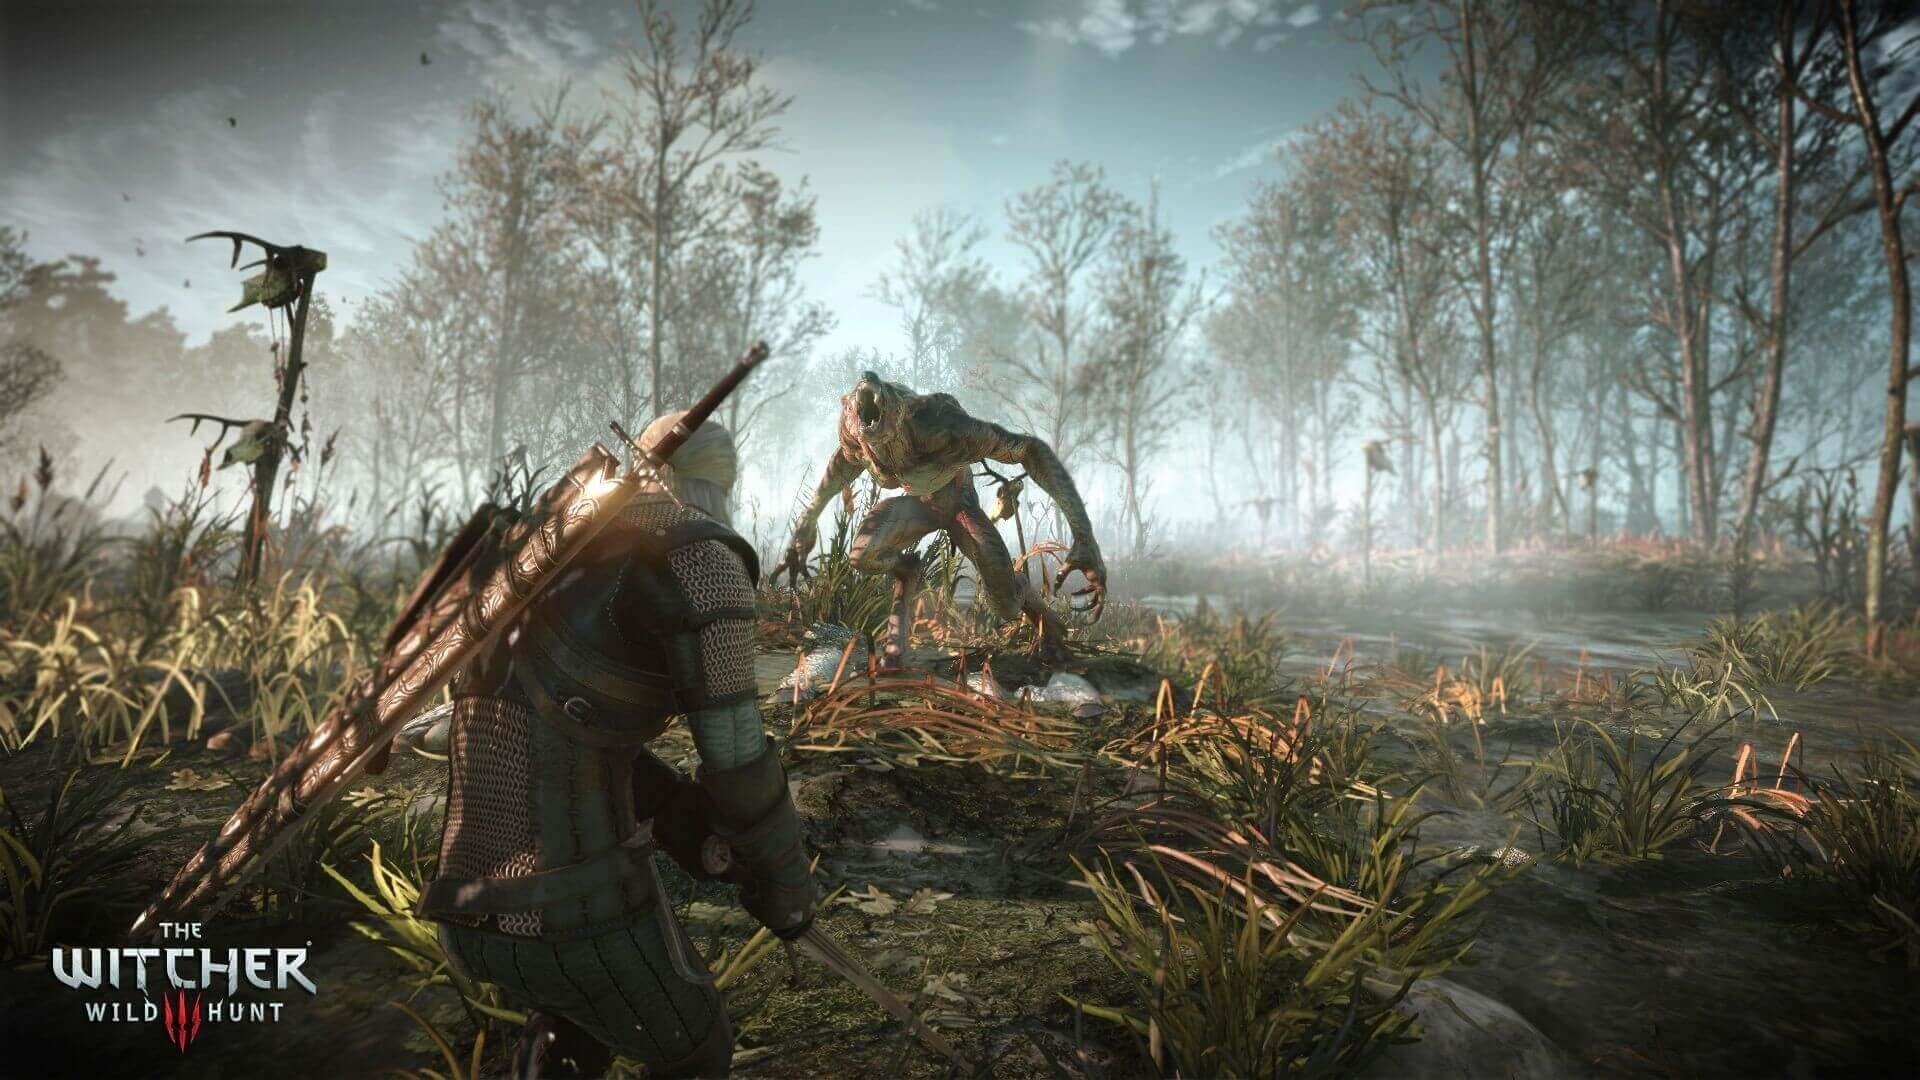 The Witcher 3: Wild Hunt GOTY